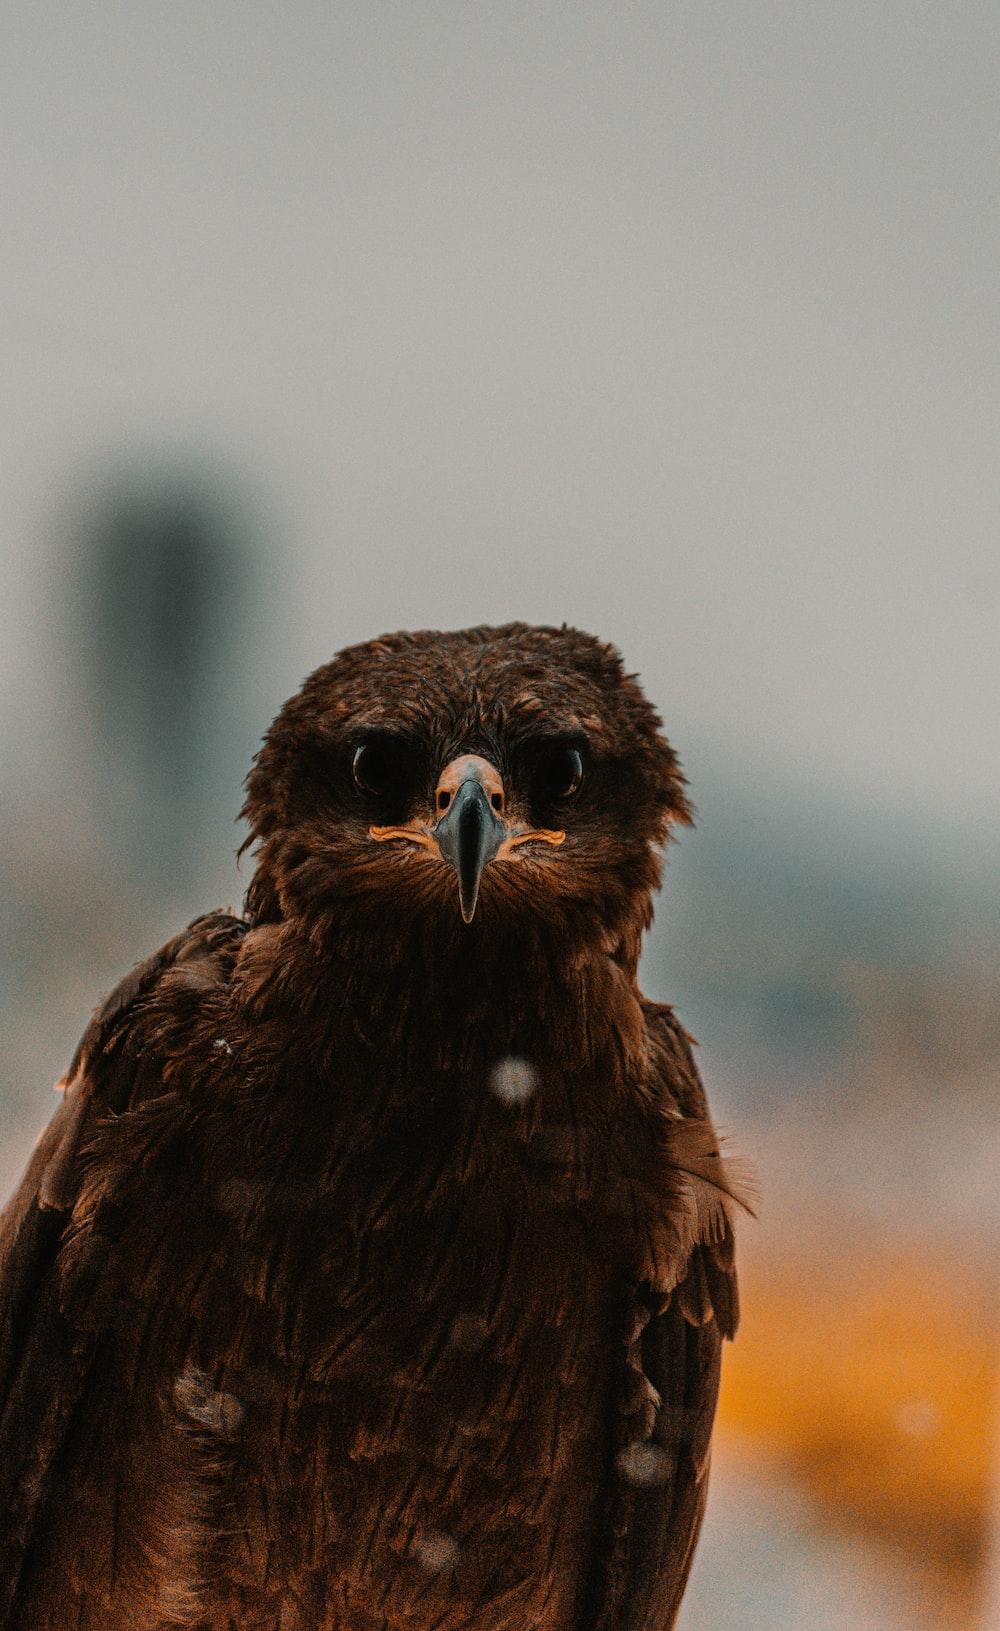 brown and black bird in tilt shift lens